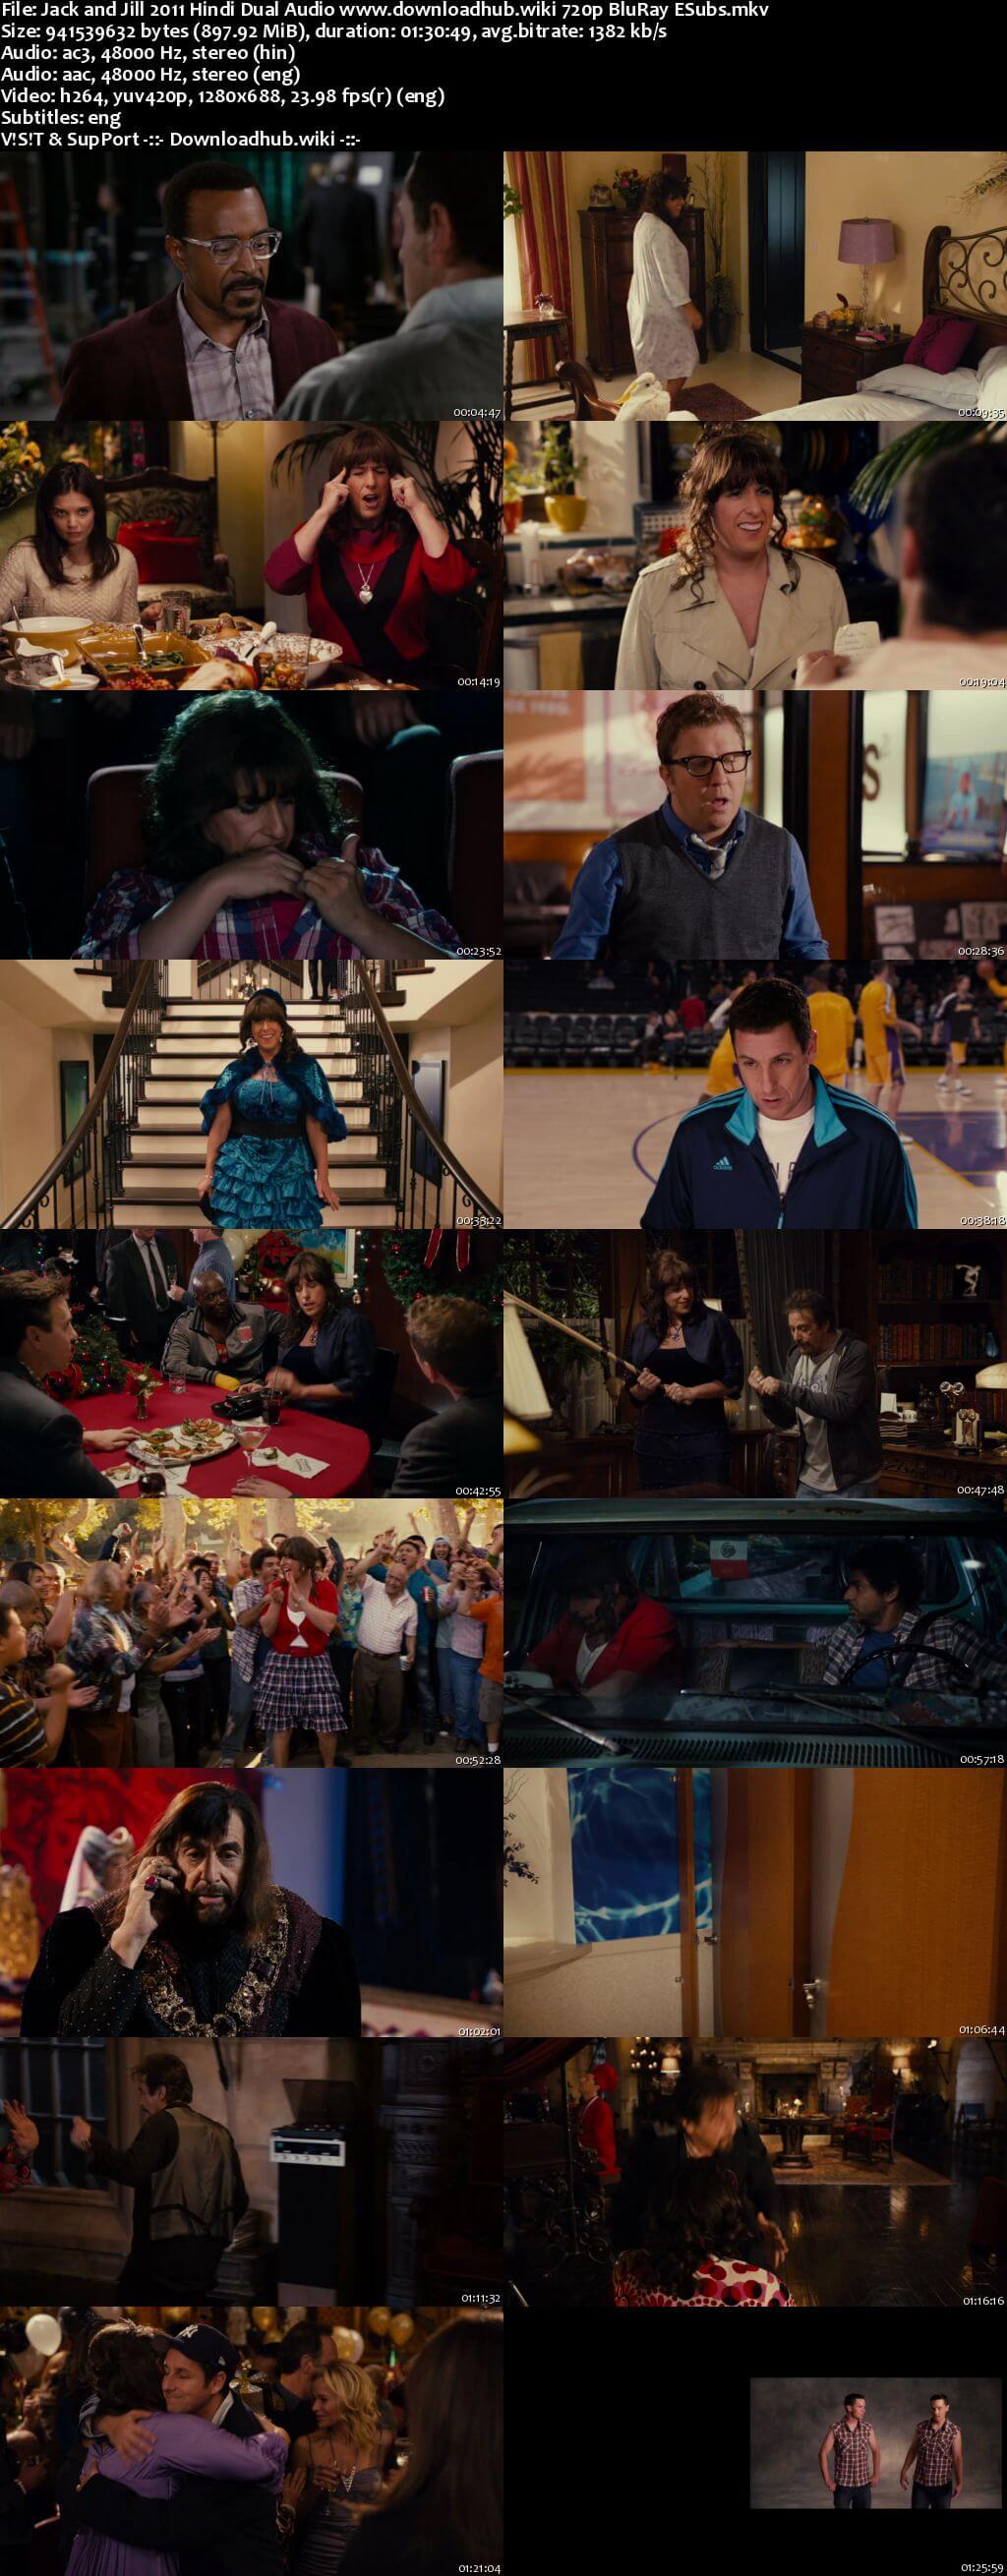 Jack and Jill 2011 Hindi Dual Audio 720p BluRay ESubs